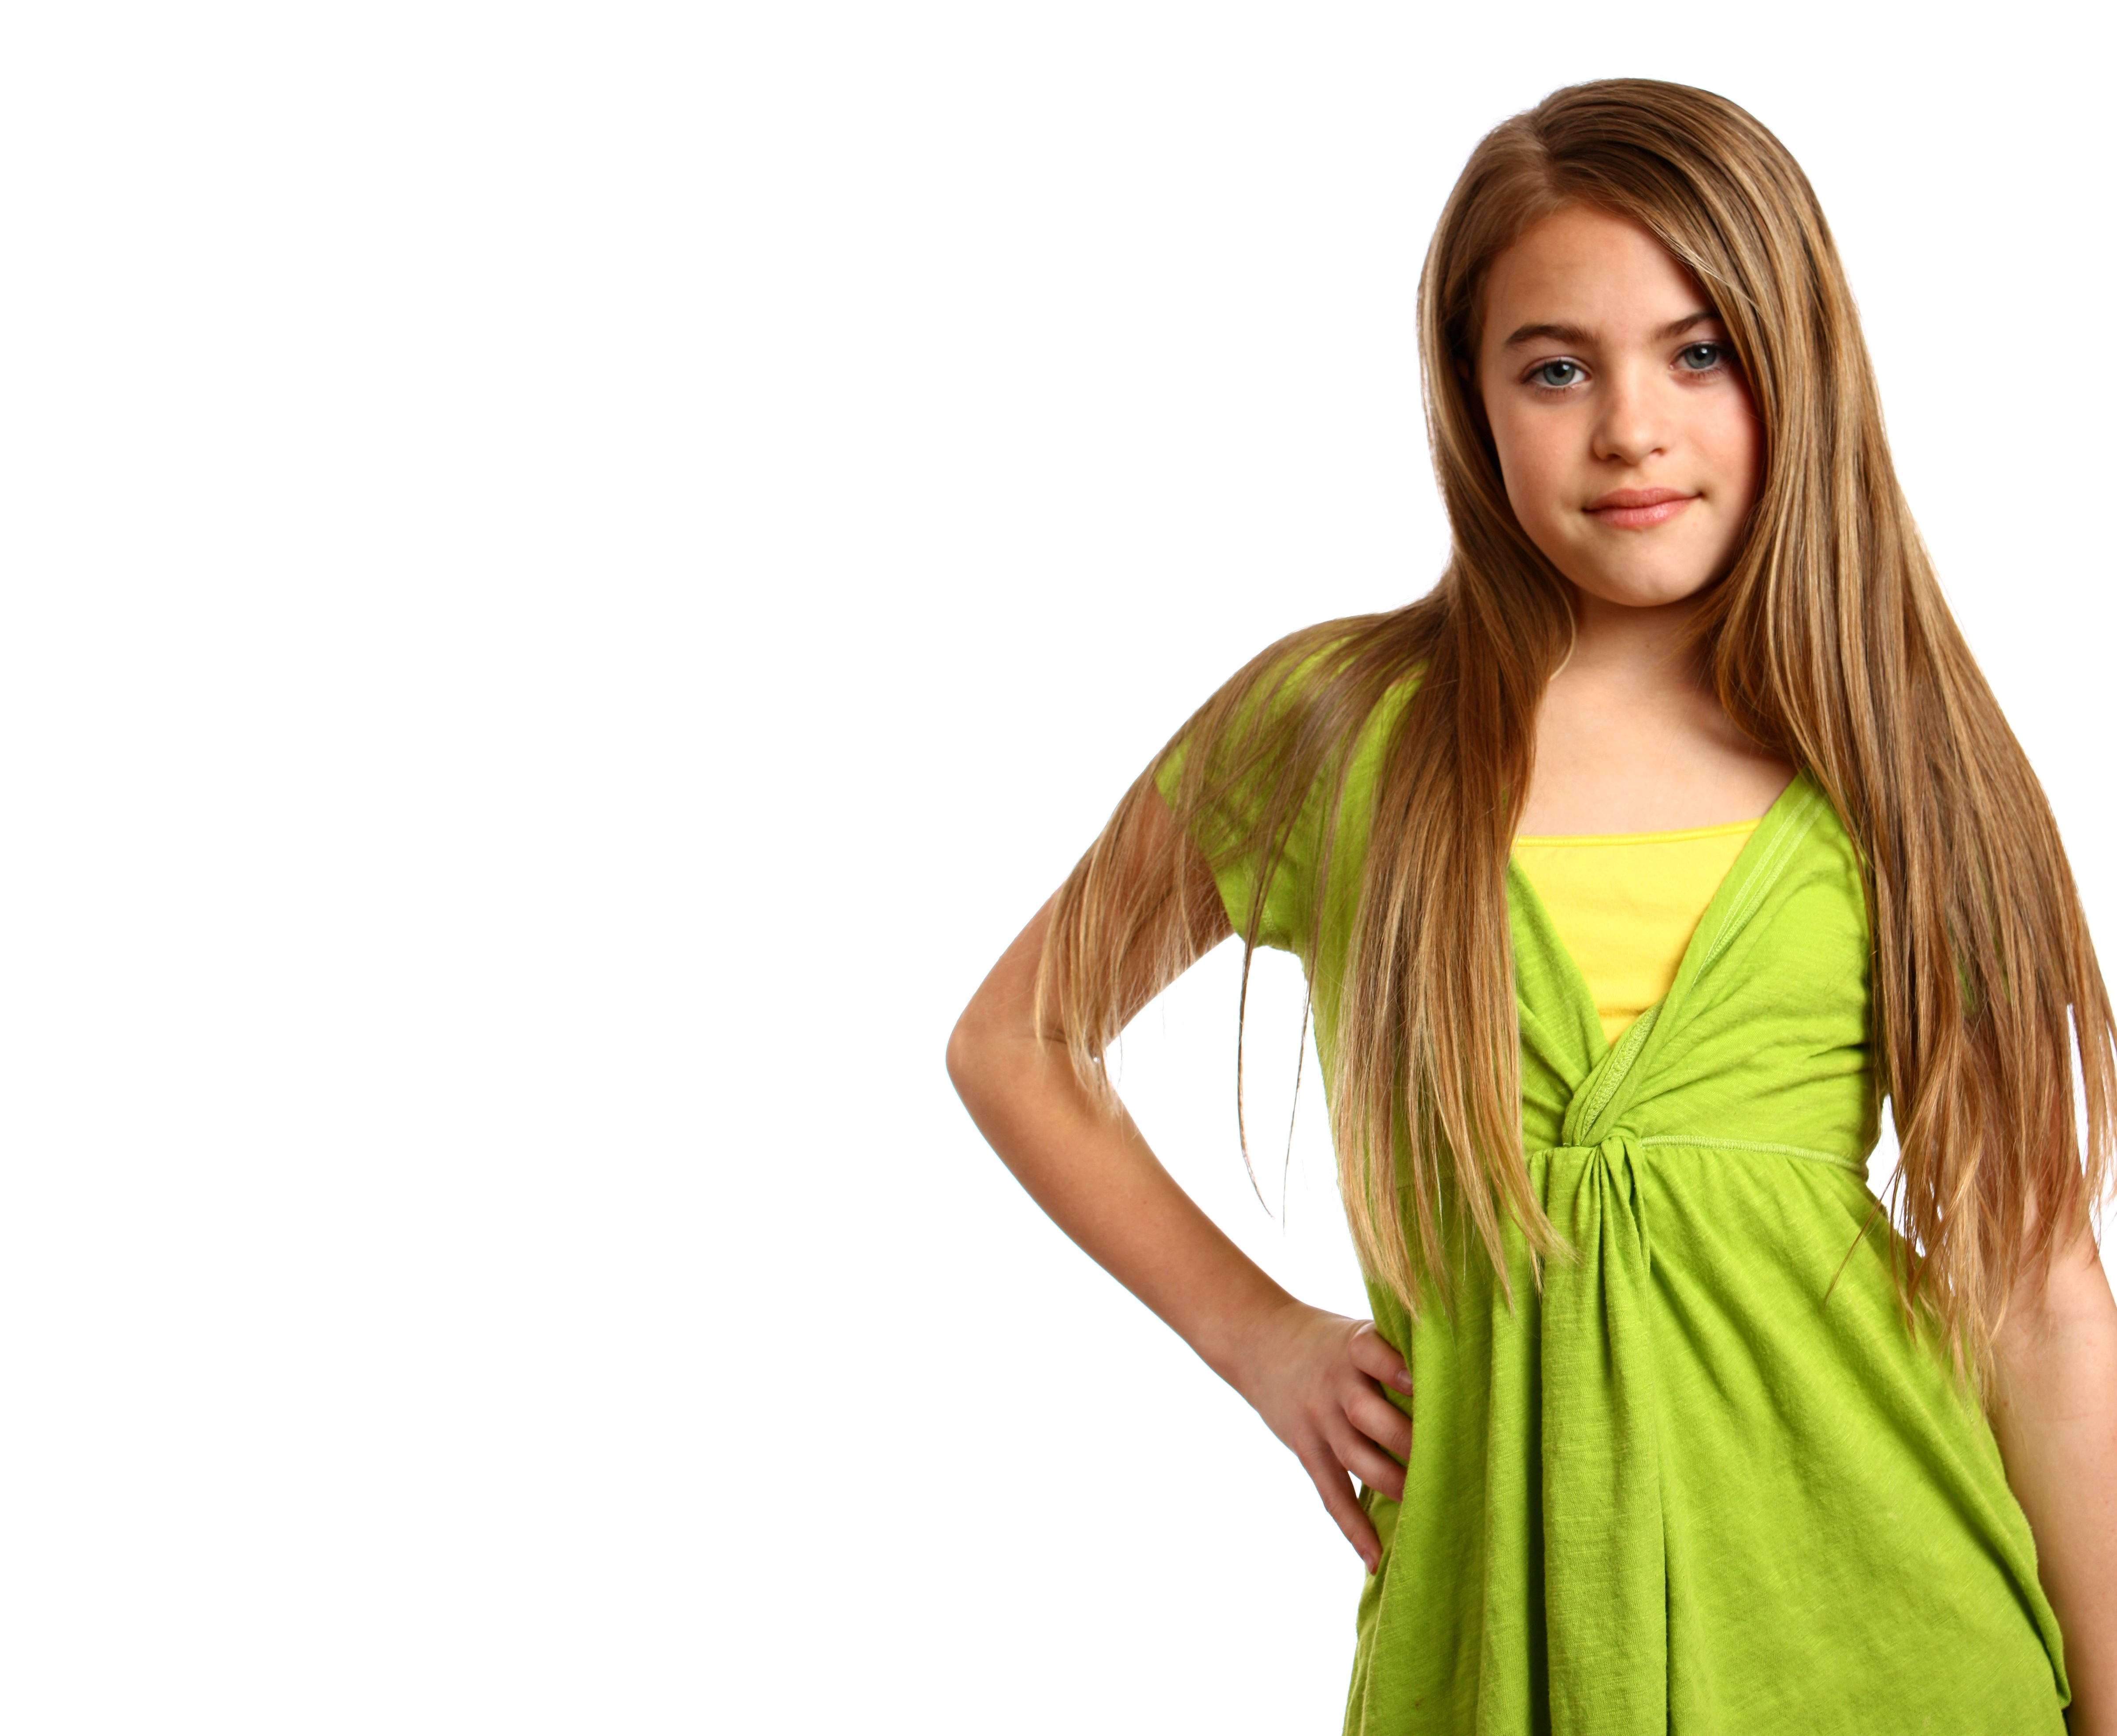 A beautiful young girl posing photo